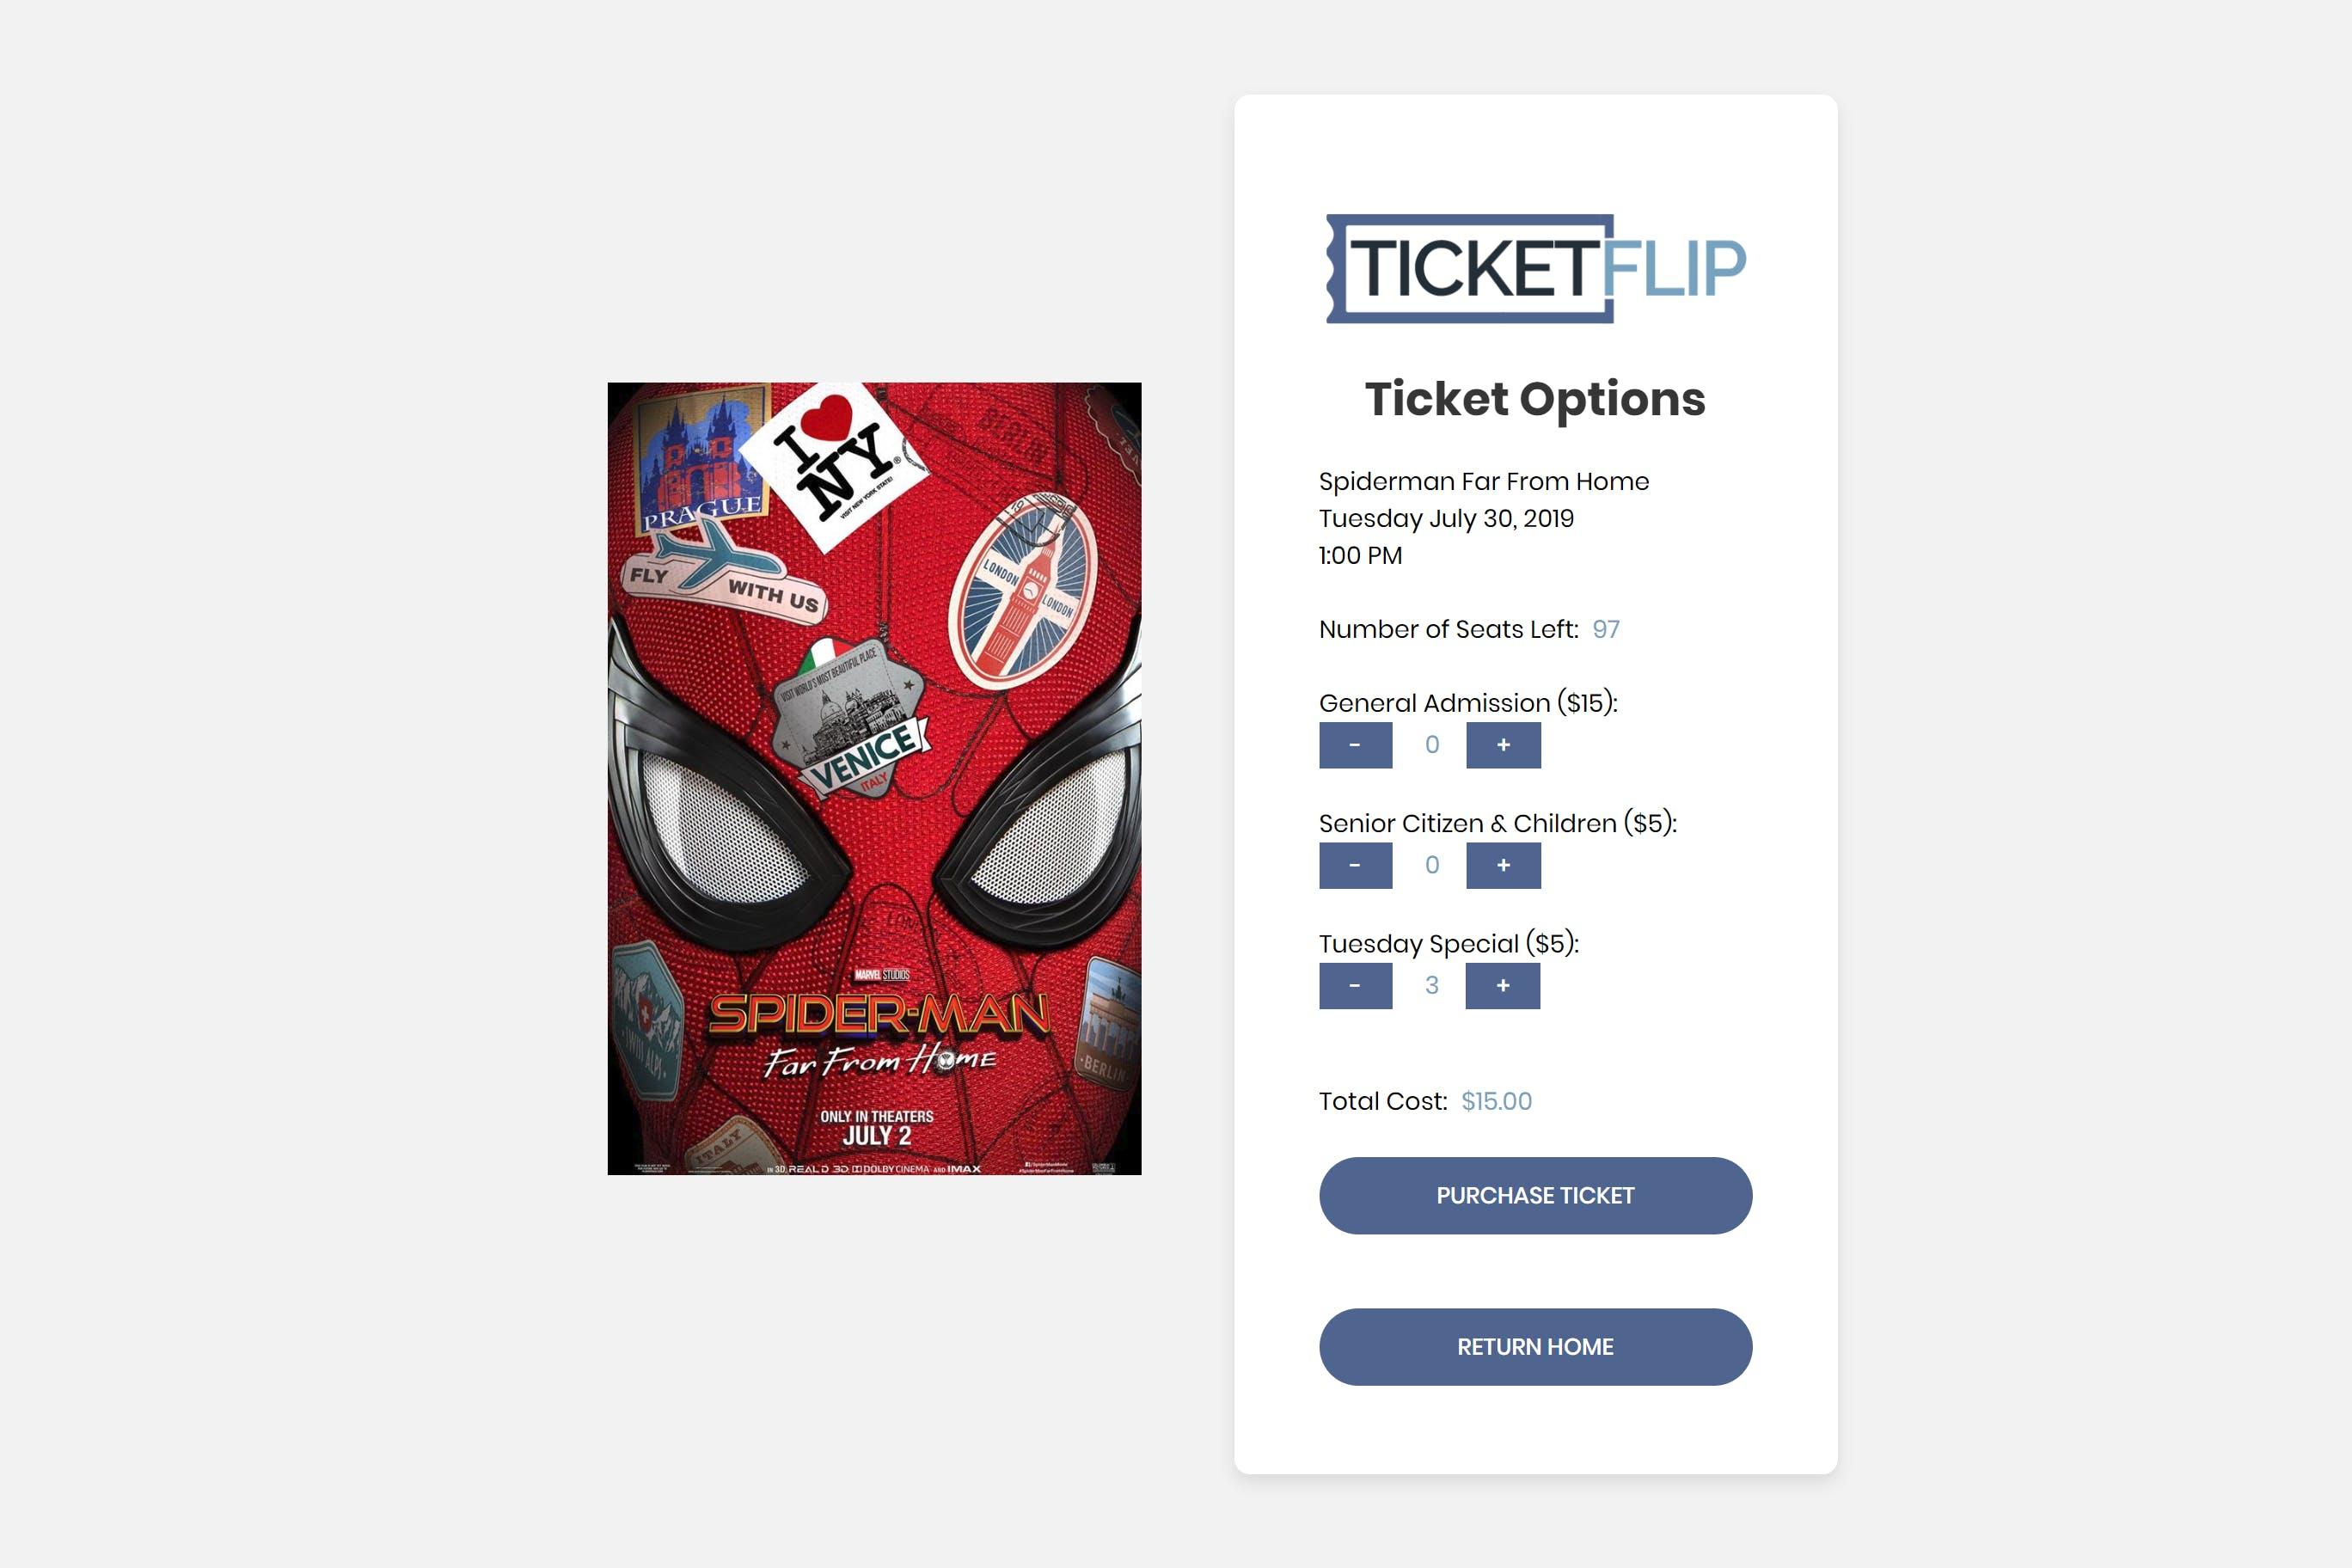 TicketFlip